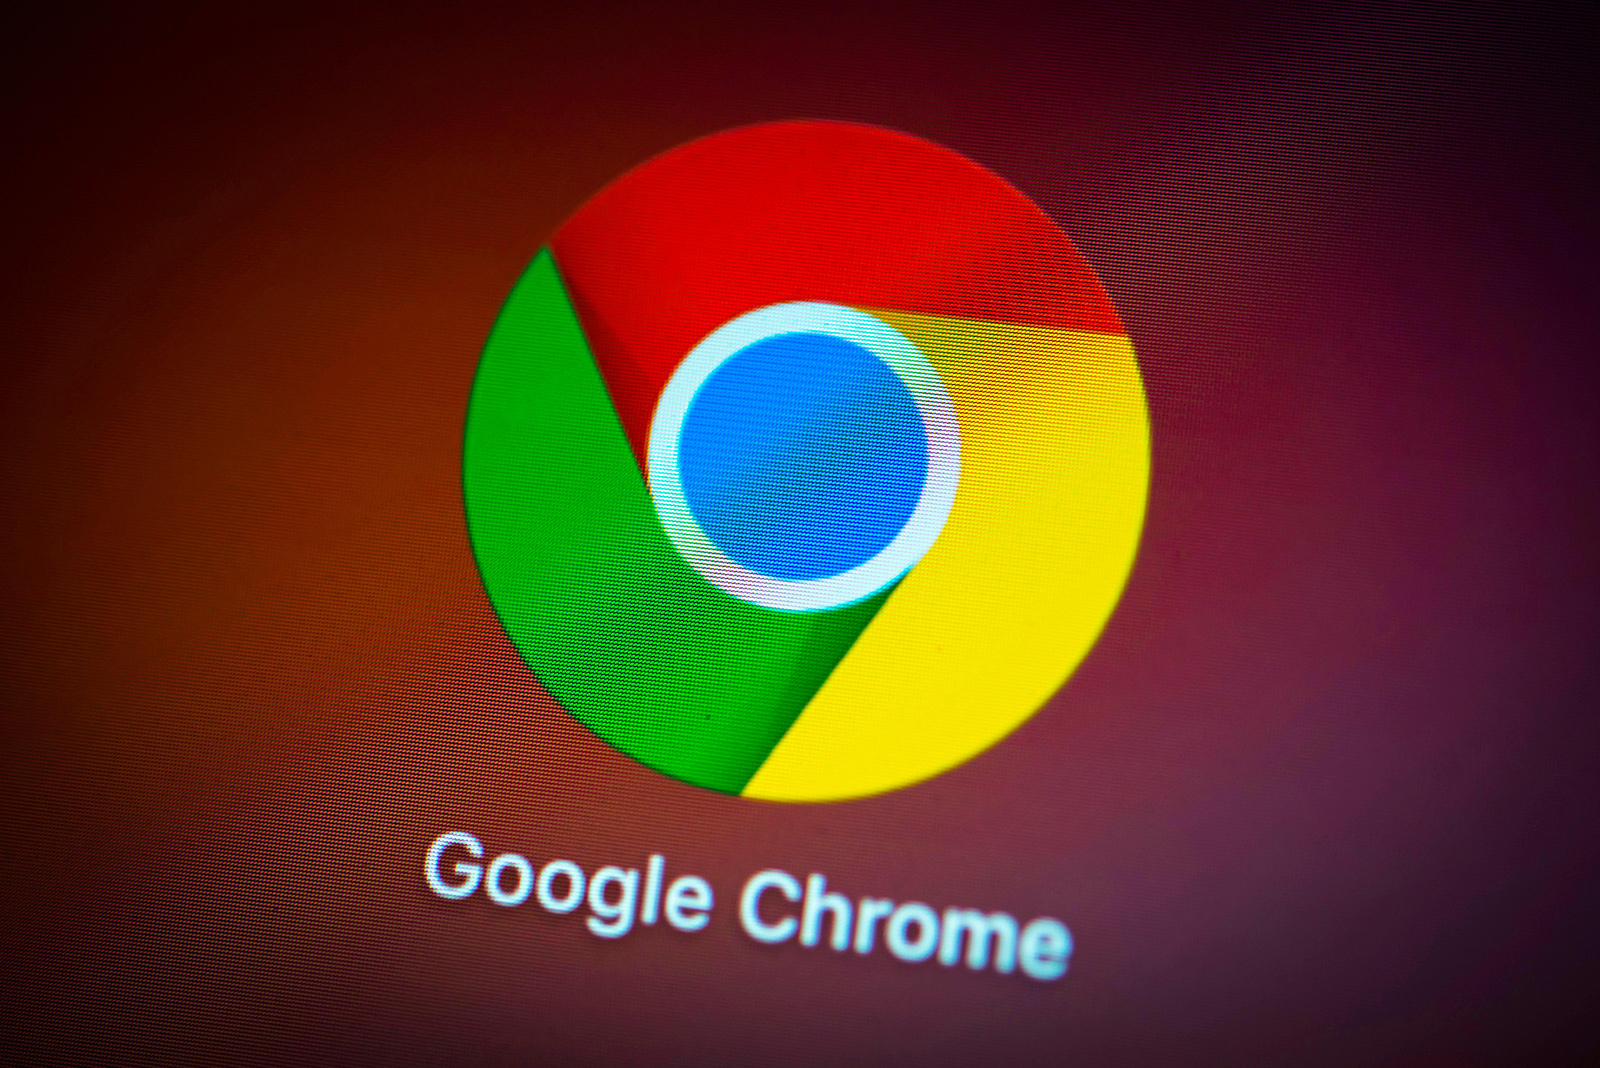 Google Chrome có phải là trình duyệt chính xác không? 2